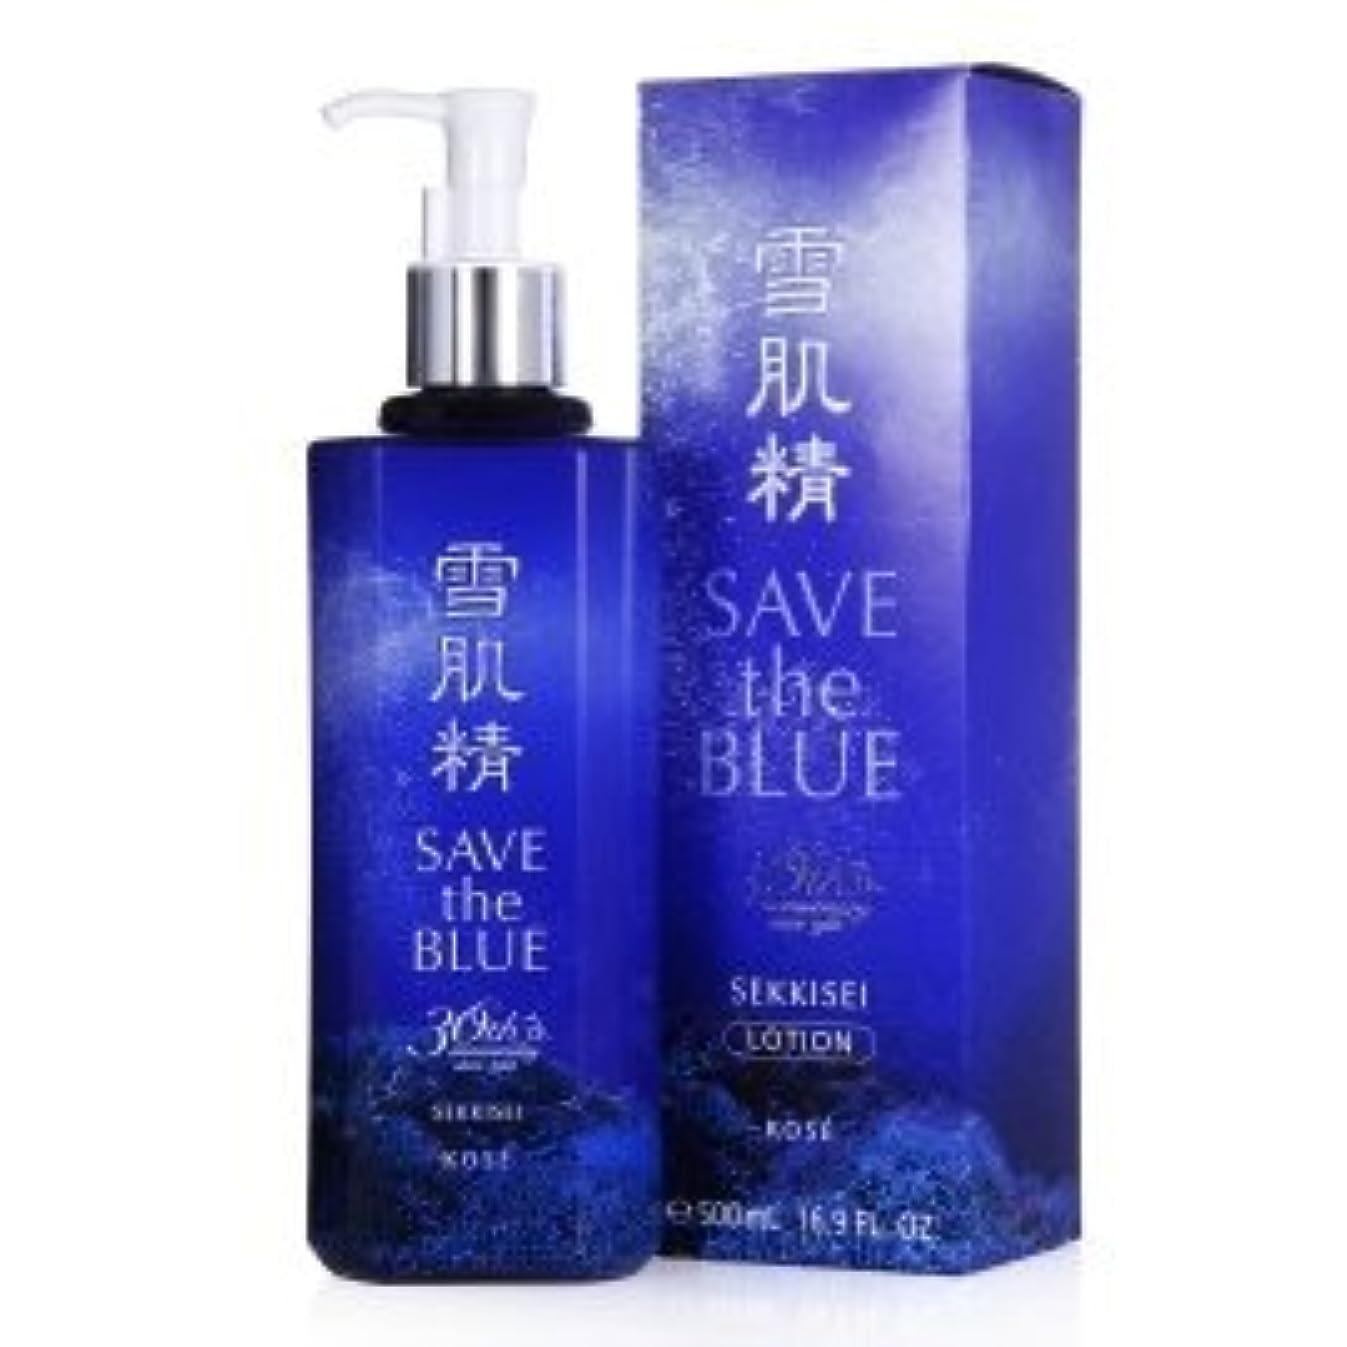 配置枯渇温かいKOSE コーセー 薬用 雪肌精 化粧水 500ml 【SAVE the BLUE】